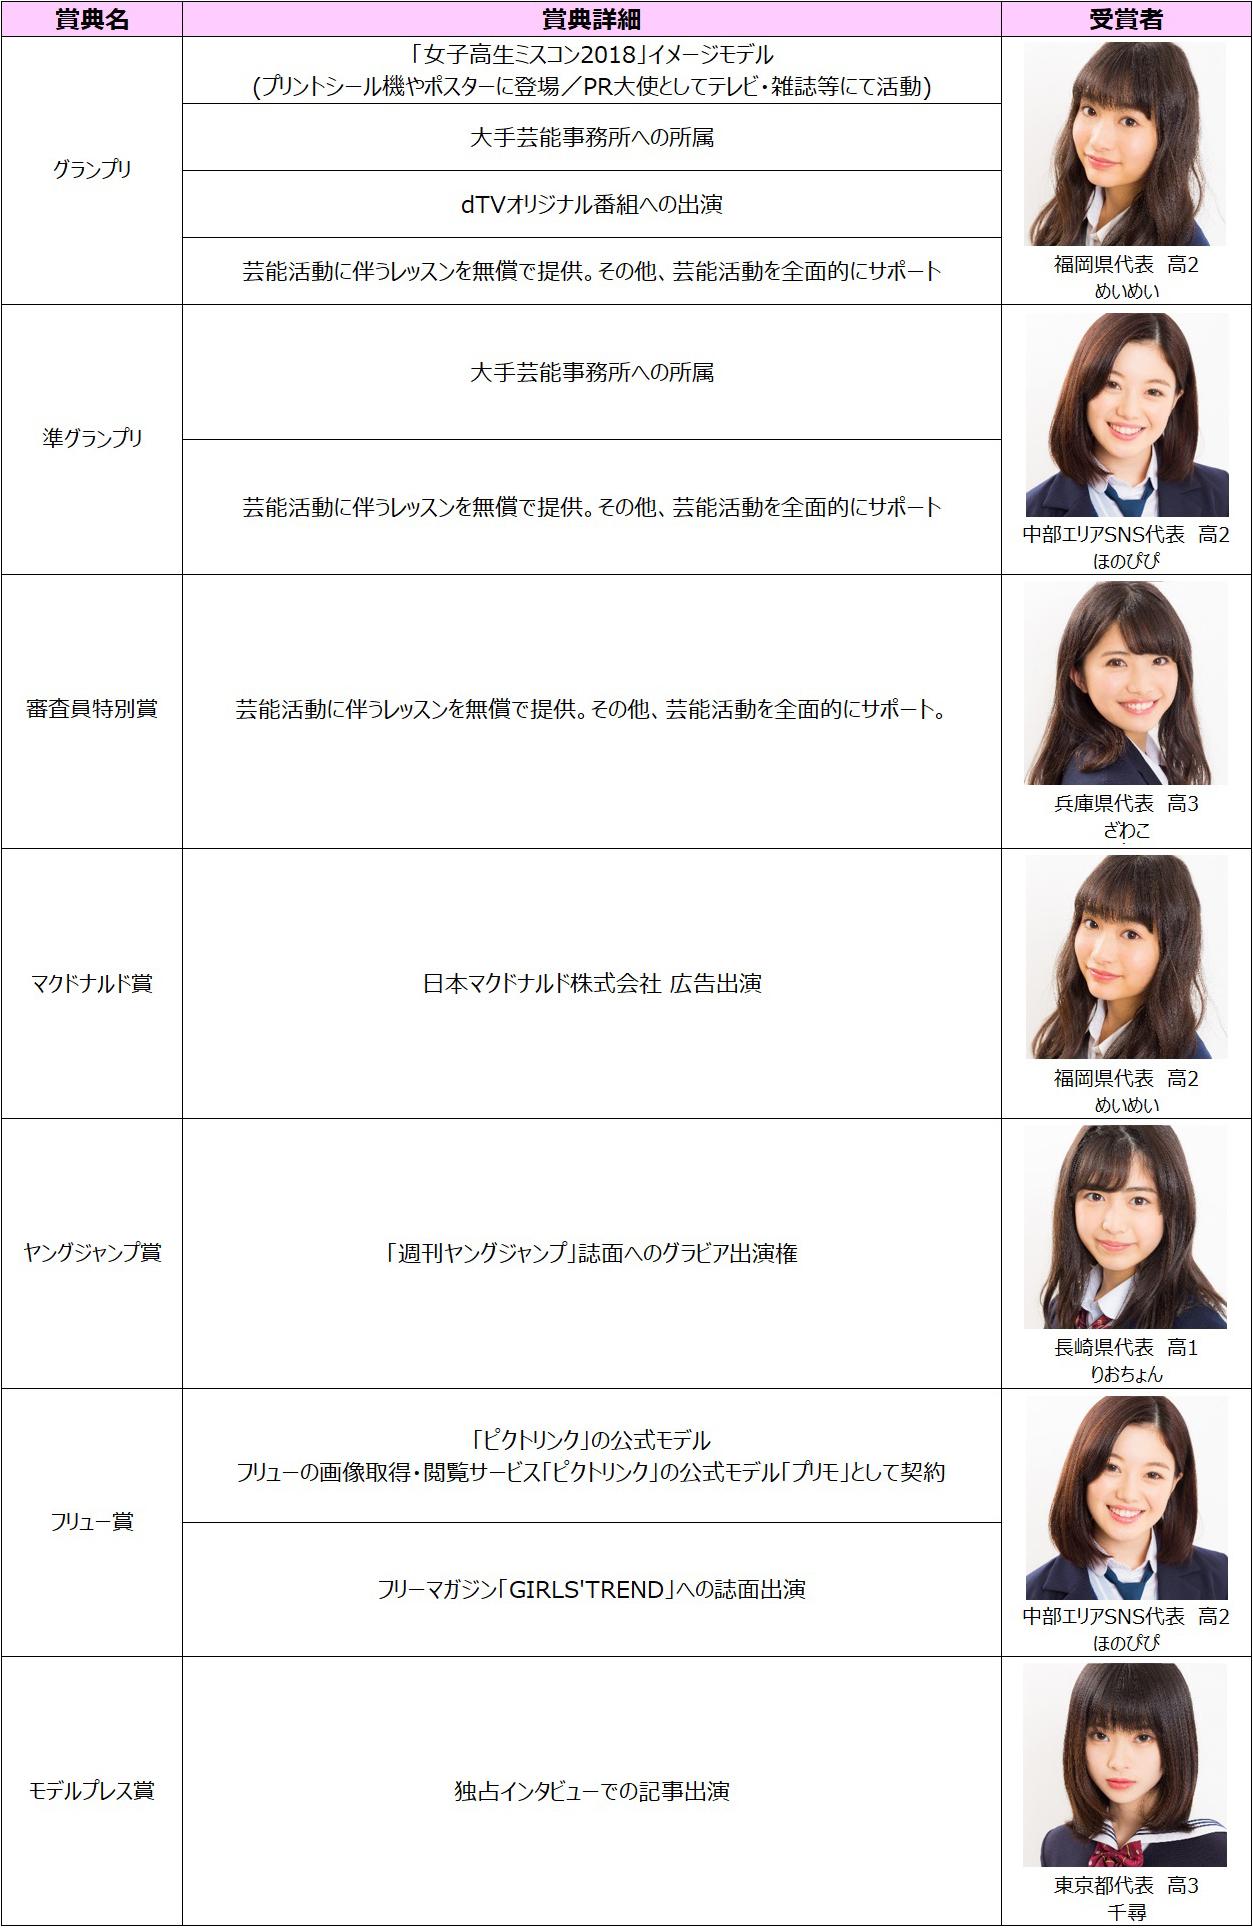 「女子高生ミスコン2017-2018」結果一覧